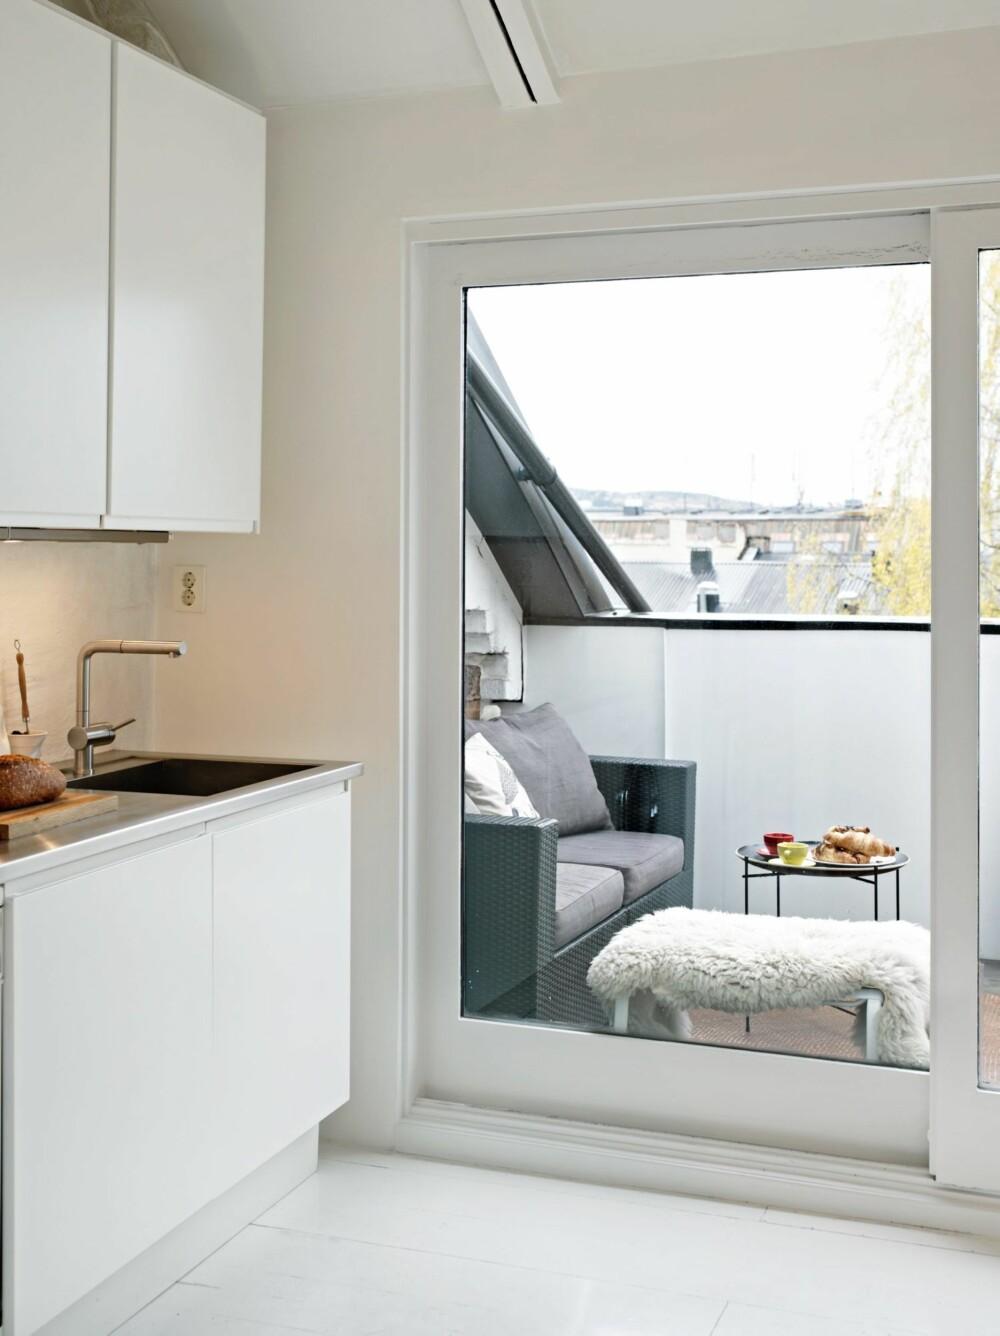 TODELT KJØKKEN: Kjøkkeninnredningen er plassert på hver side av rommet for ikke å sperre for kontakten med takterrassen.